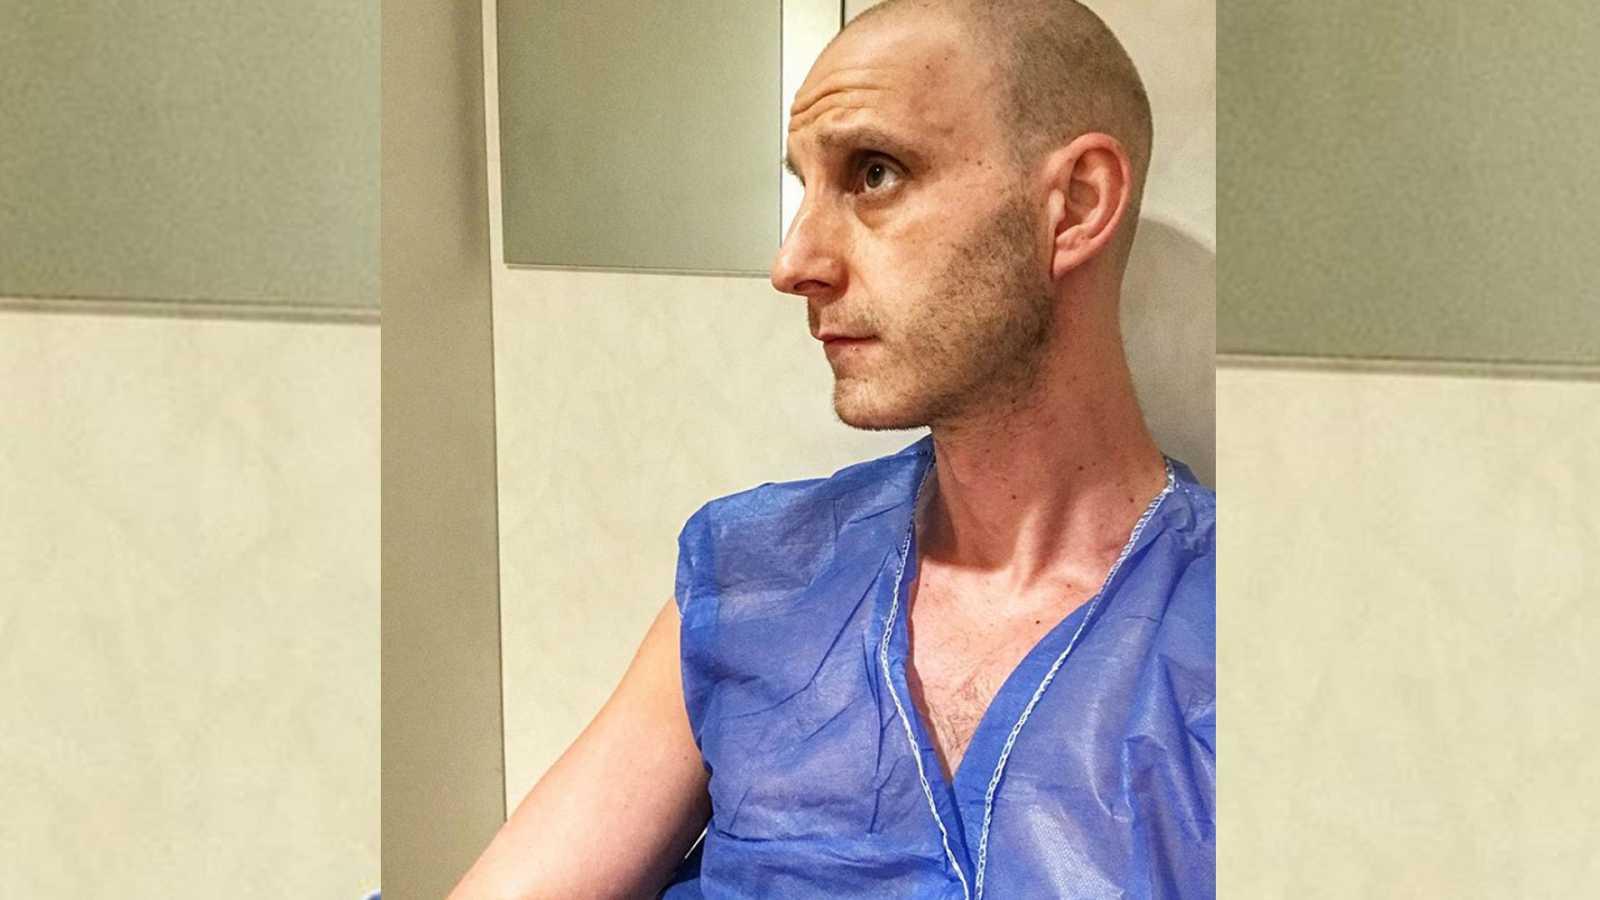 Dani Rovira en la sala de espera en sus ciclos de radioterapia. Lucha con humor contra el cáncer